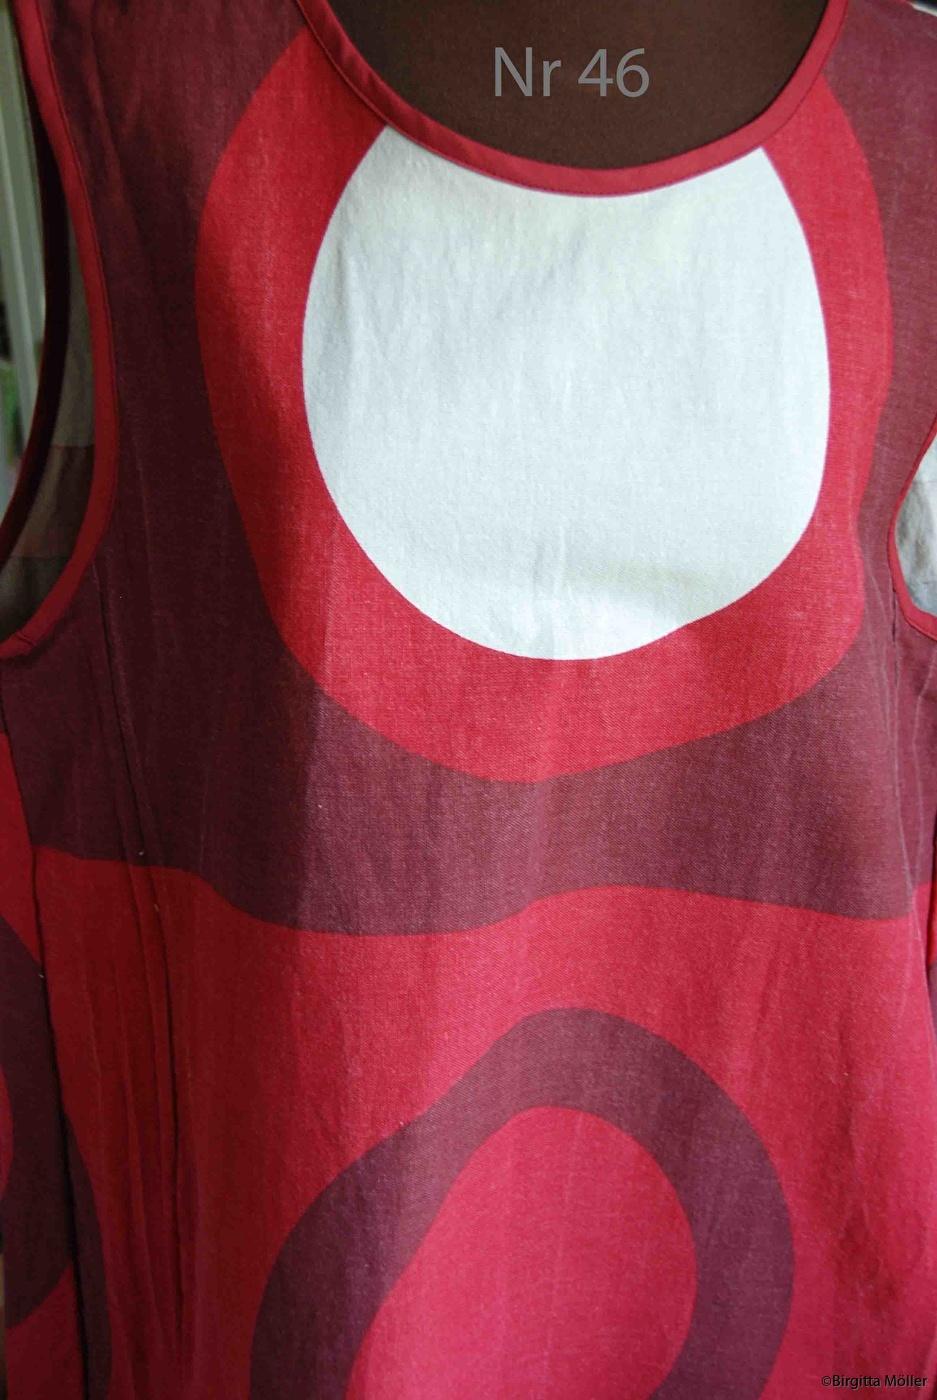 Unikt retroförkläde nr_46